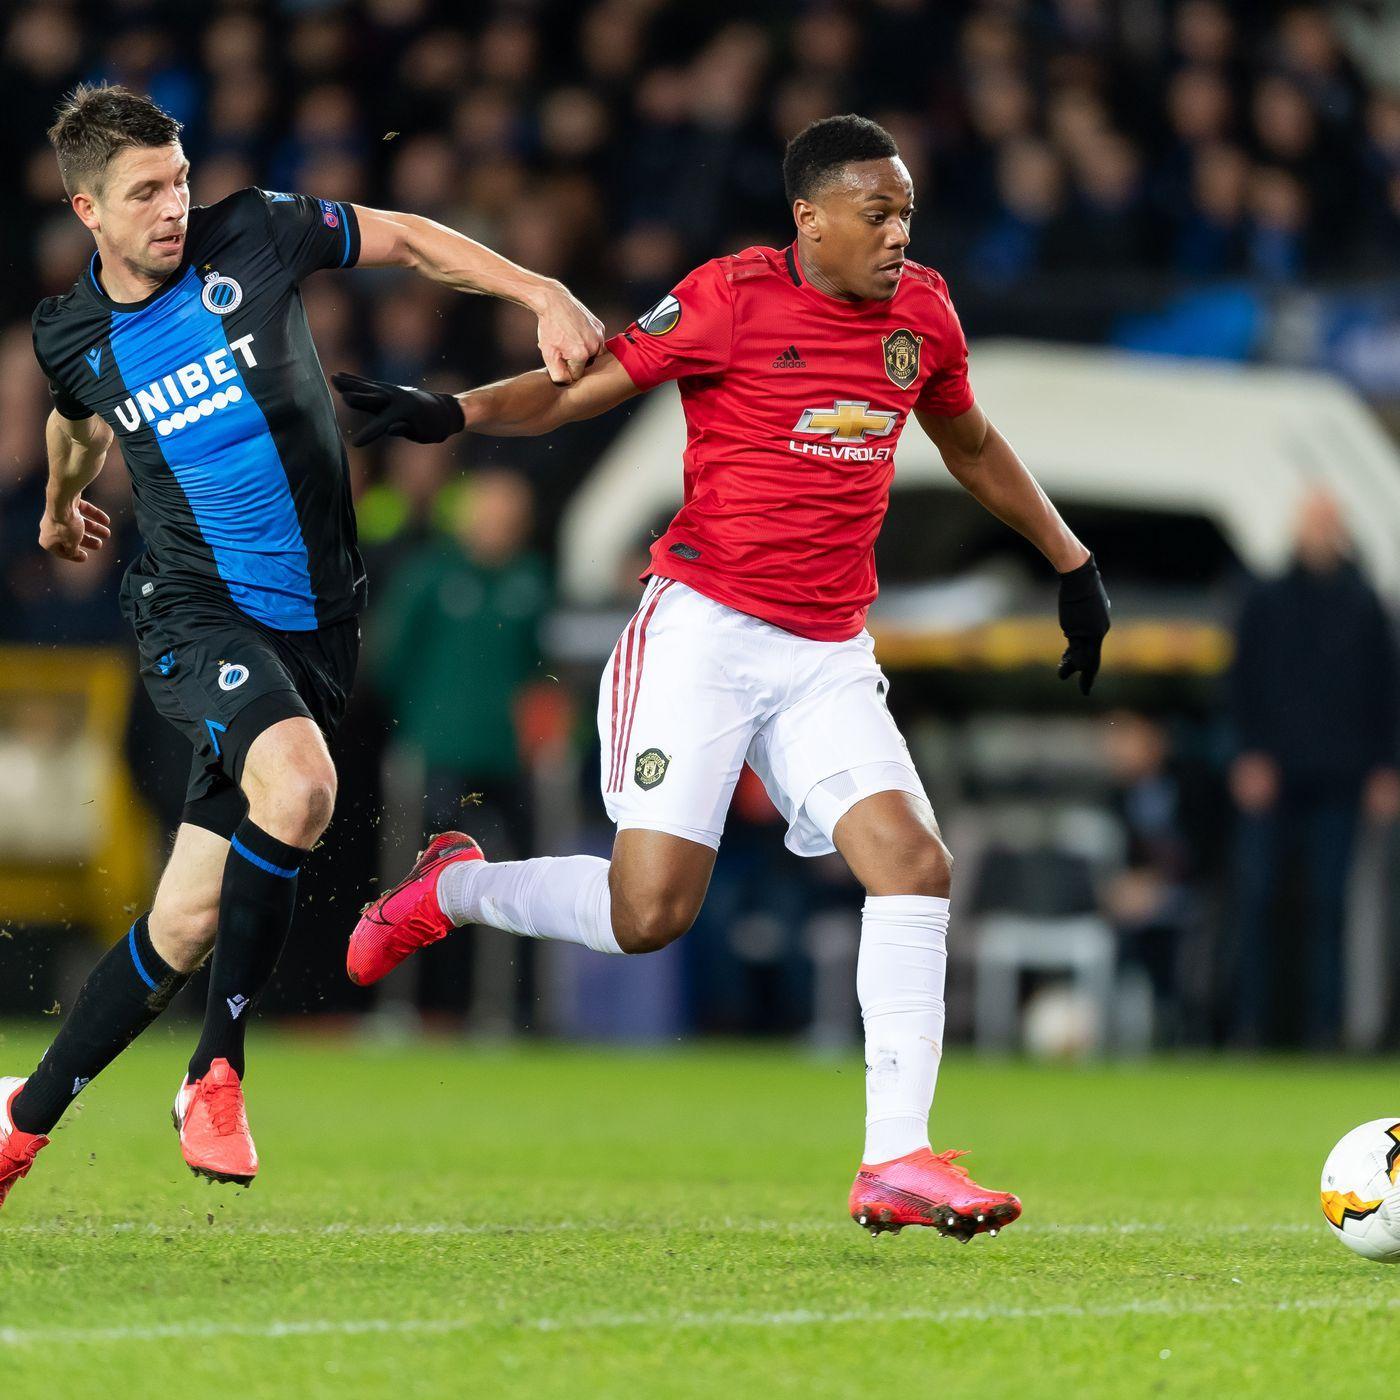 ไฮไลท์ฟุตบอล ยูฟ่า ยูโรป้า ลีก คลับ บรูช 1-1 แมนเชสเตอร์ ยูไนเต็ด Club  Brugge 1 - 1 Manchester United